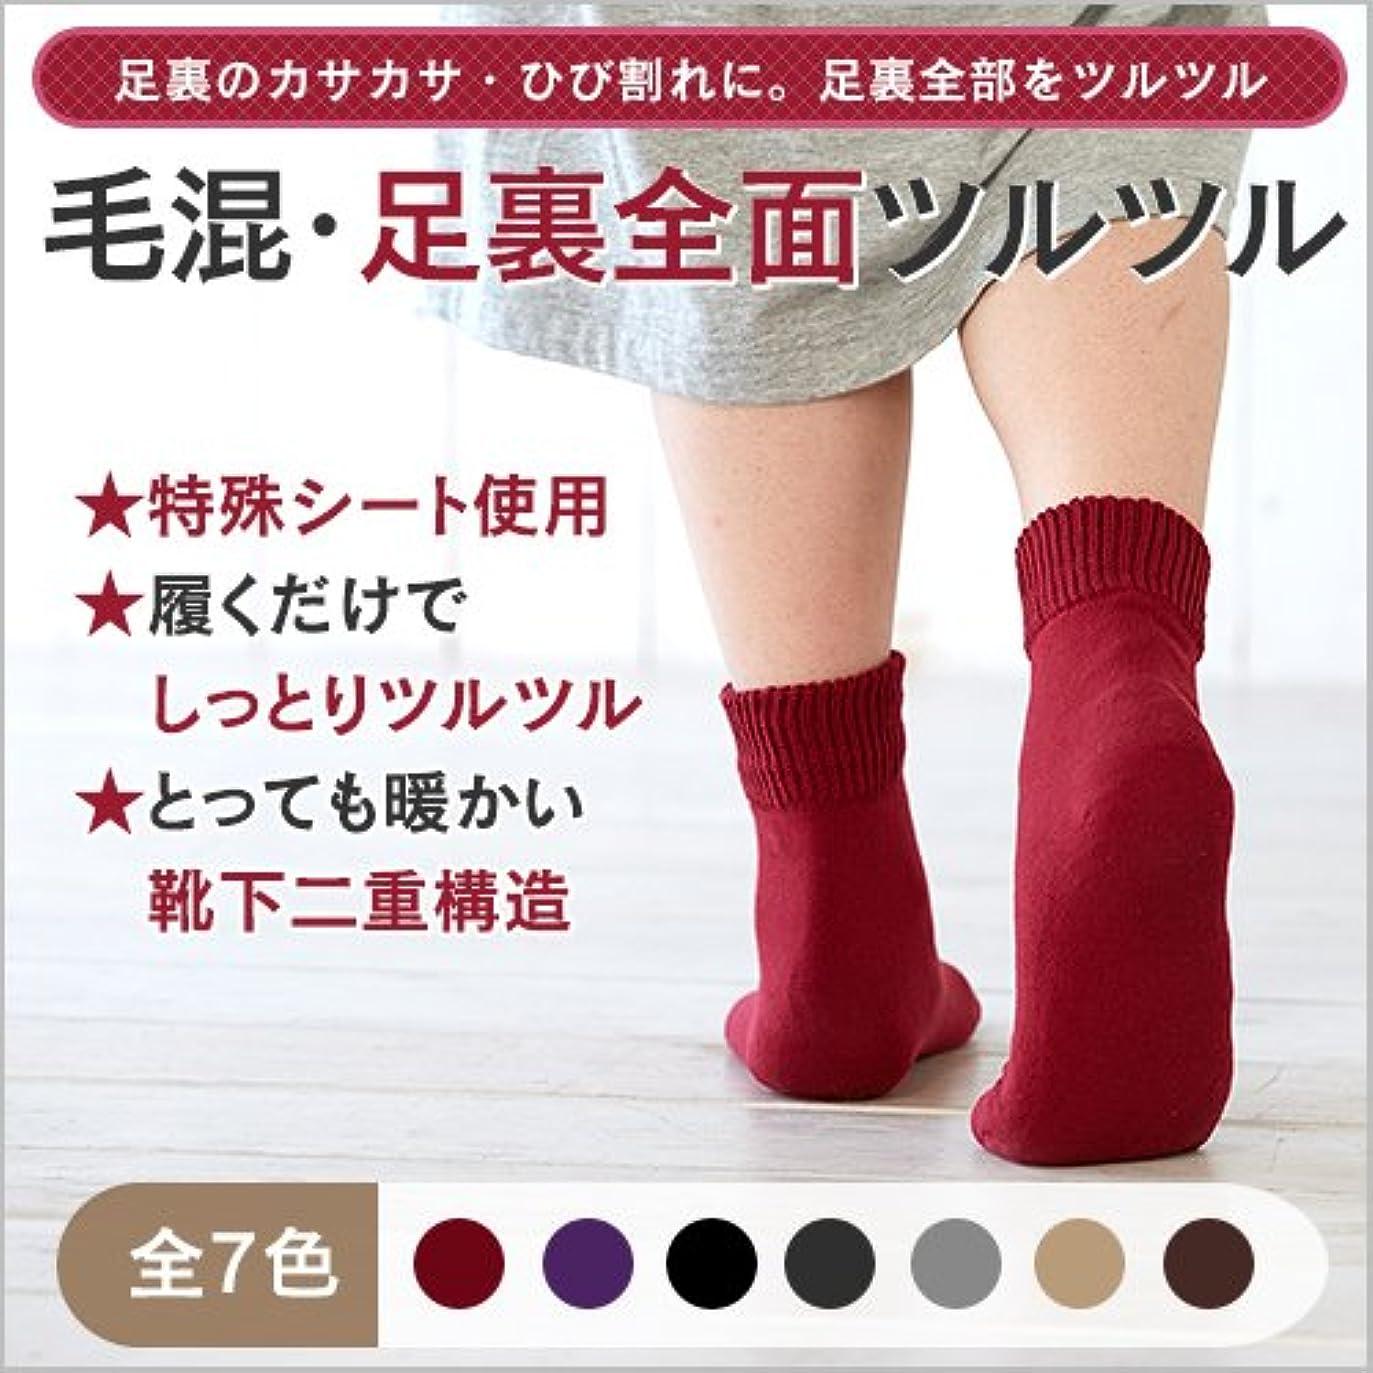 コショウ見えるパイント足裏 全面 ツルツル 靴下 ブラック 23-25cm 太陽ニット 720 足 角質ケア ひび割れ対策